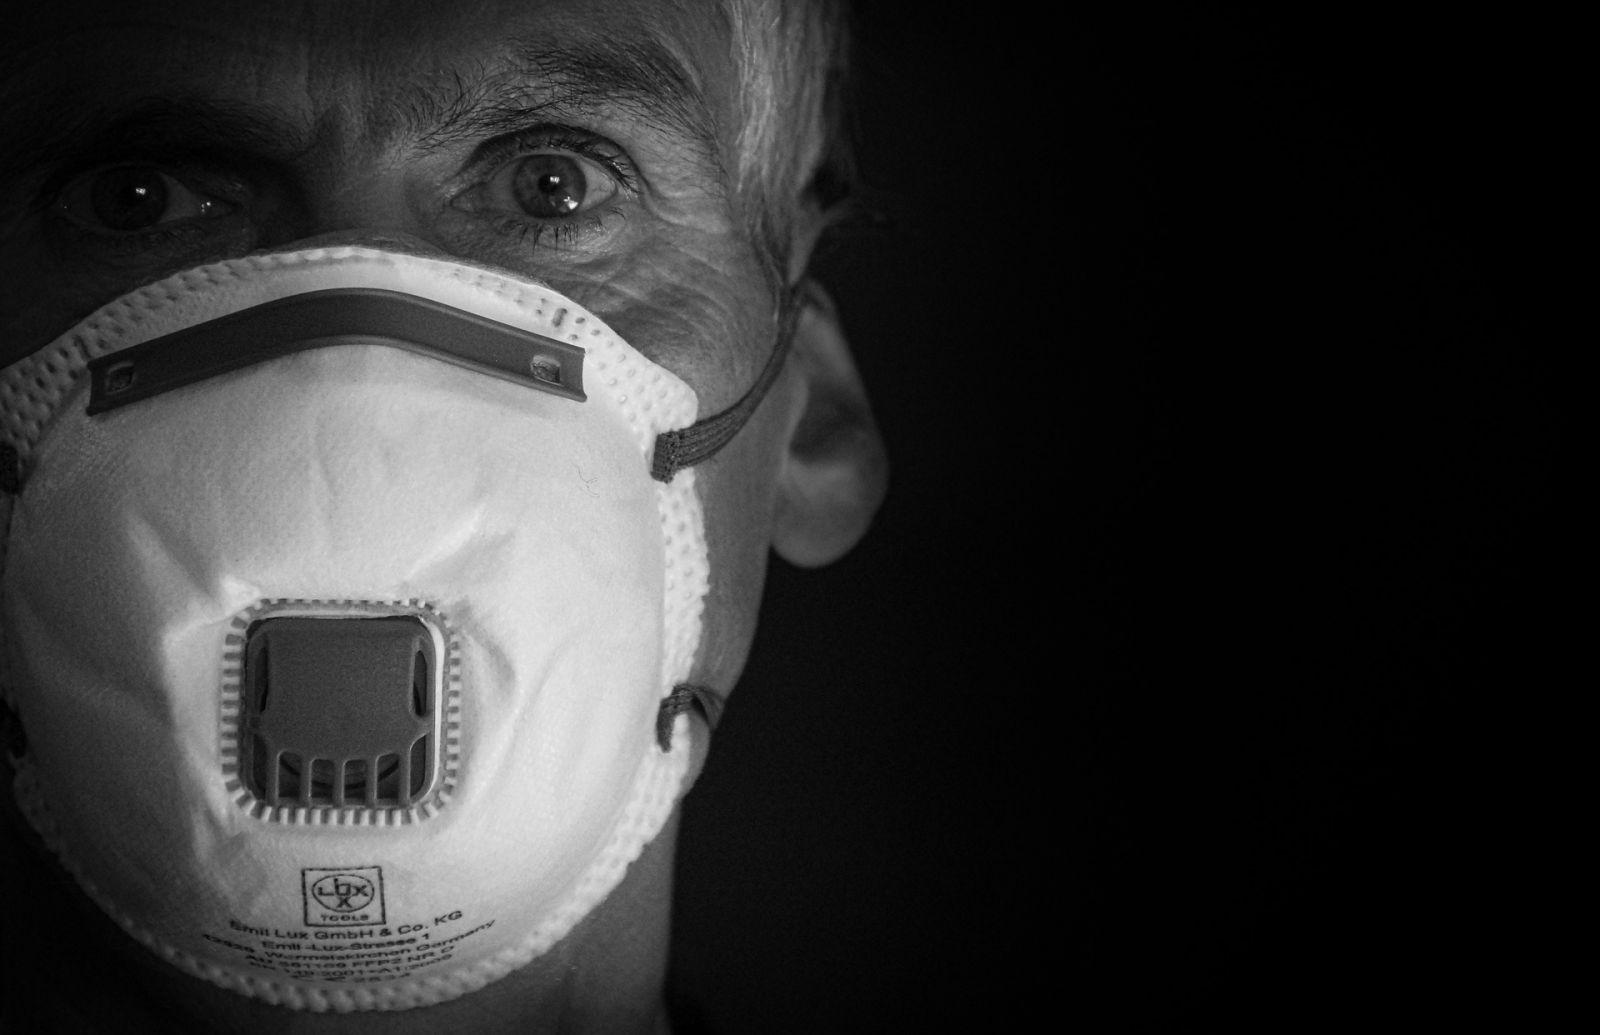 Каждый десятый человек на Земле может быть заражен коронавирусом, - ВОЗ